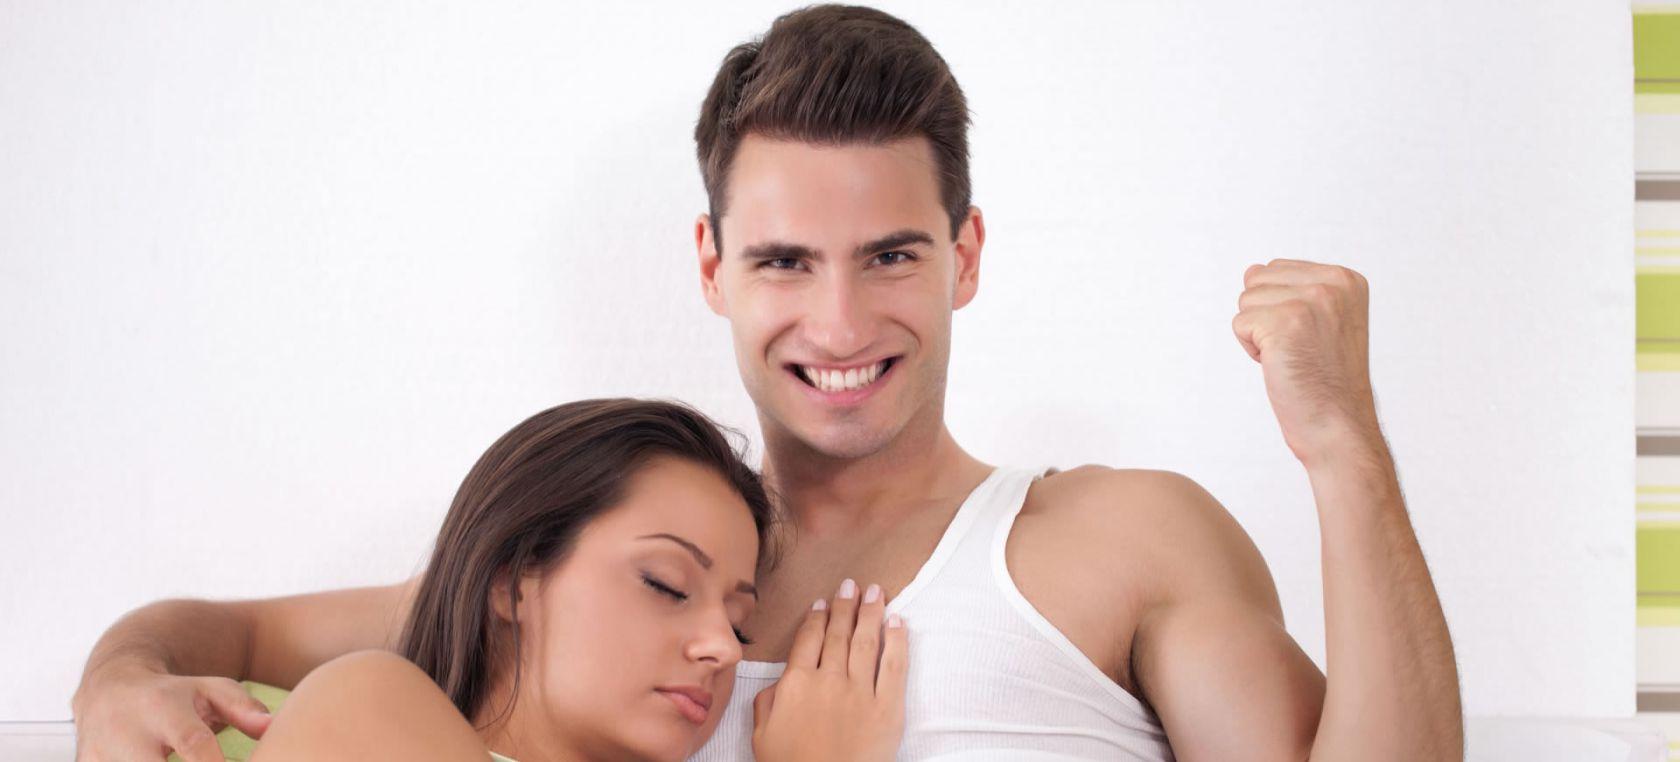 Член который удовлетворяет, Какой должен быть размер полового члена, чтобы 6 фотография